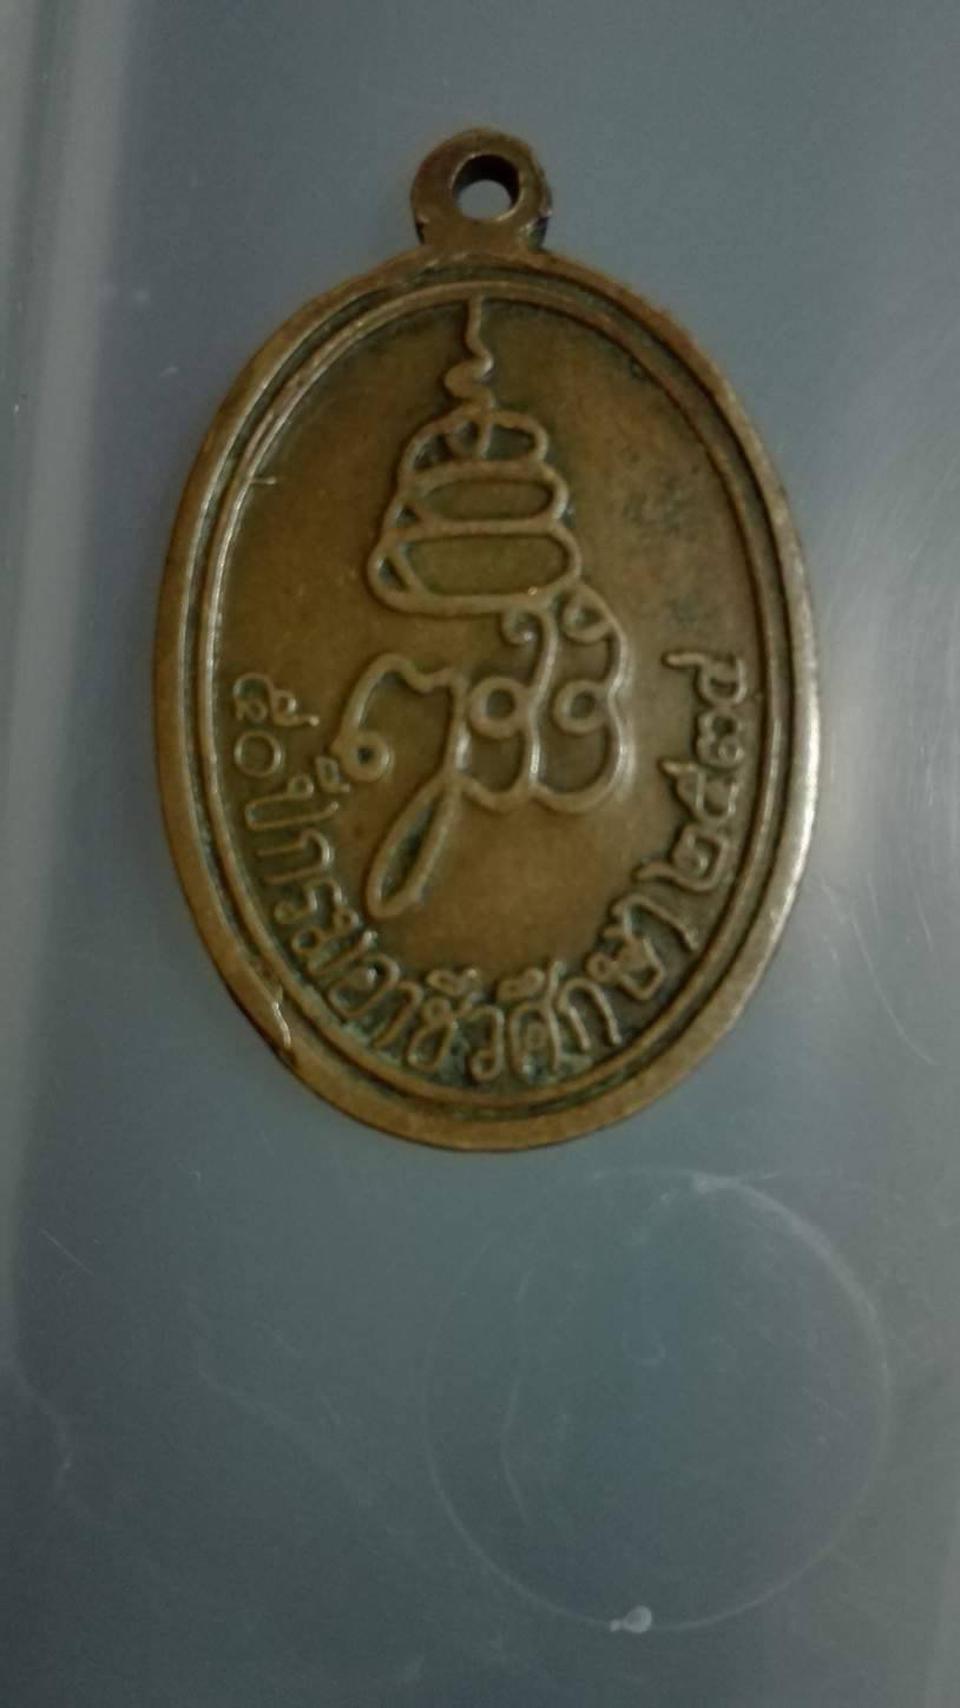 เหรียญพระไพรีพินาศ 50 ปี กรมอาชีวศึกษา พ.ศ. 2534 รูปที่ 4